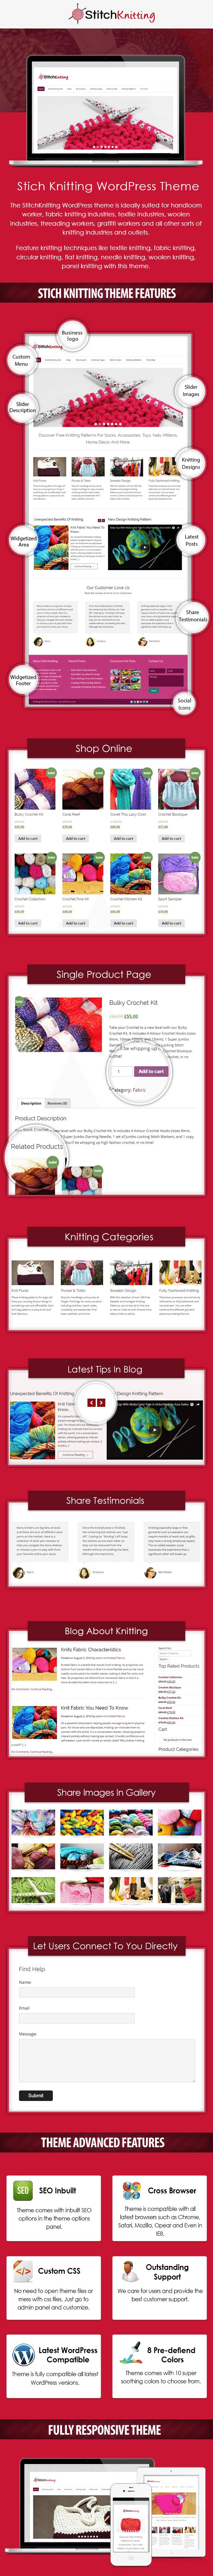 Knitting And Stiching WordPress Theme